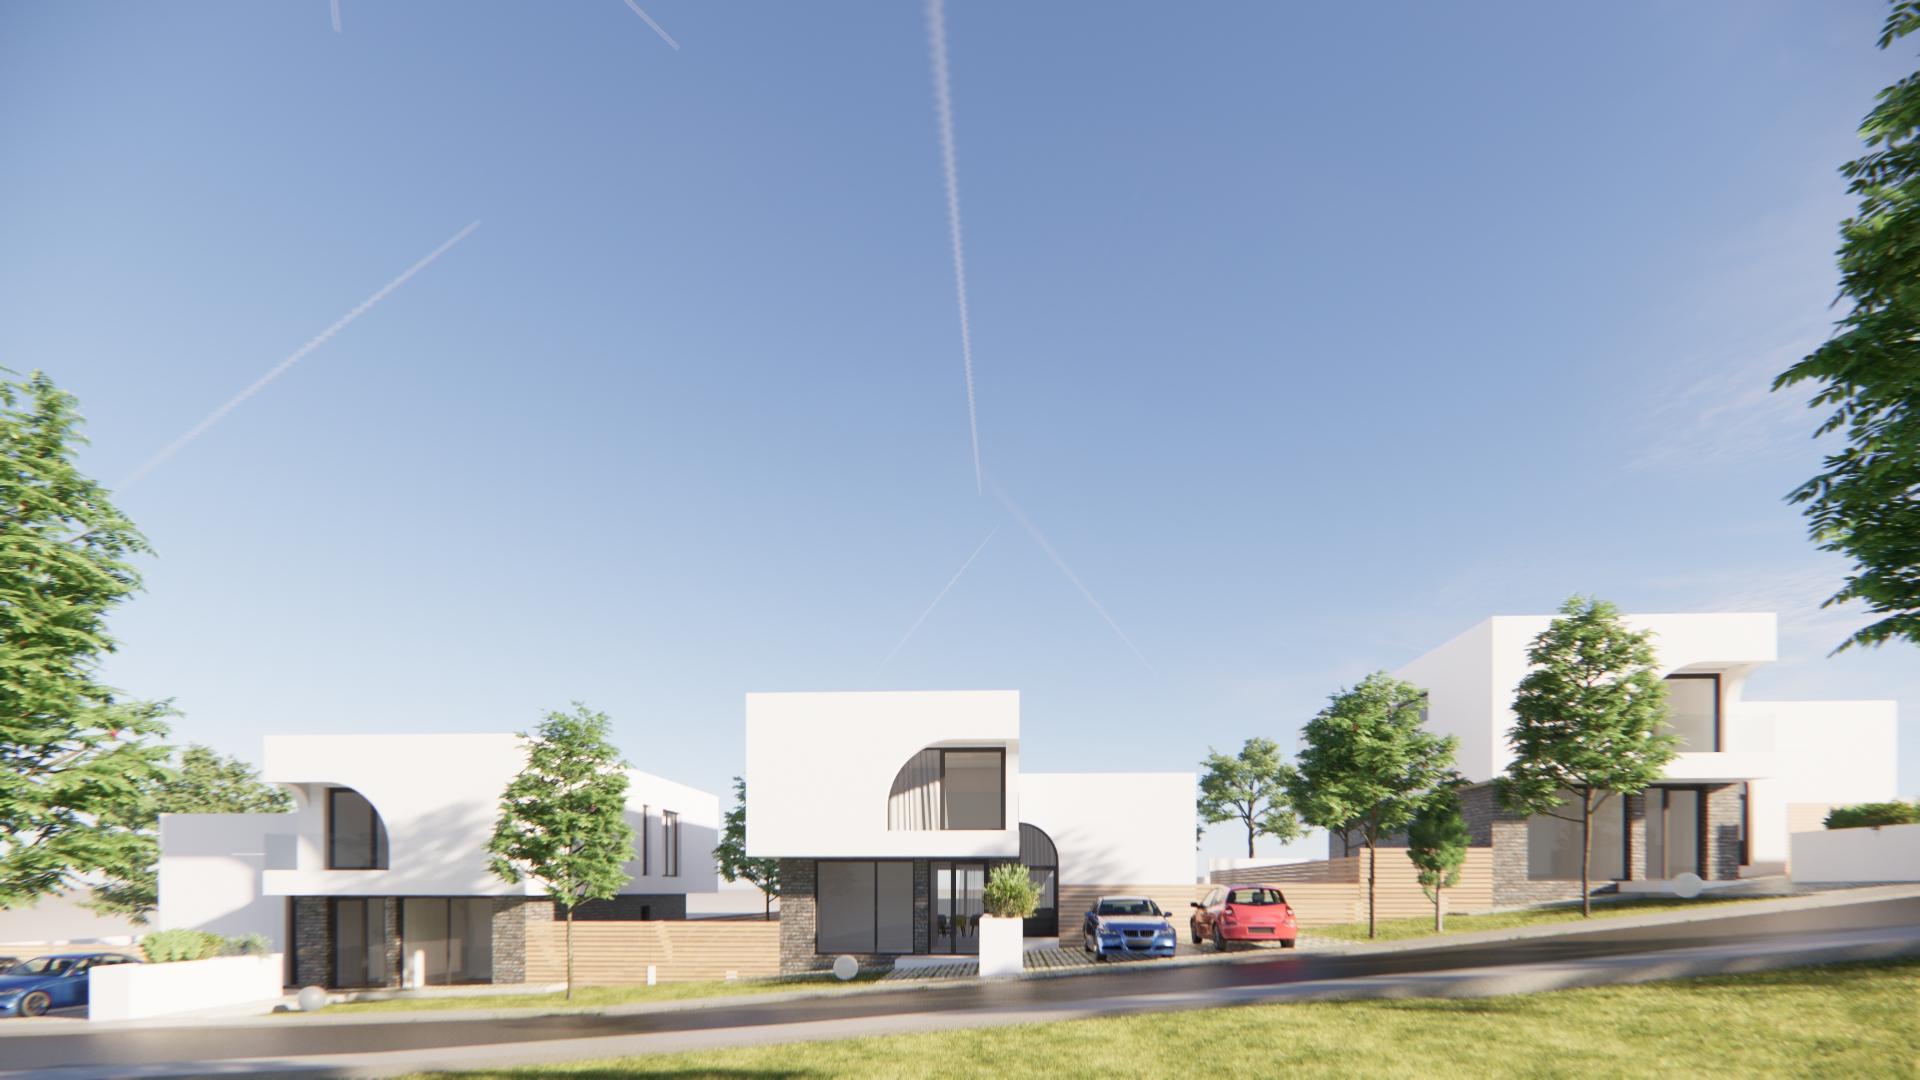 https://nbc-arhitect.ro/wp-content/uploads/2020/10/NBC-Arhitect-_-Laguna-_-Housing-_-exterior-view_4.jpg